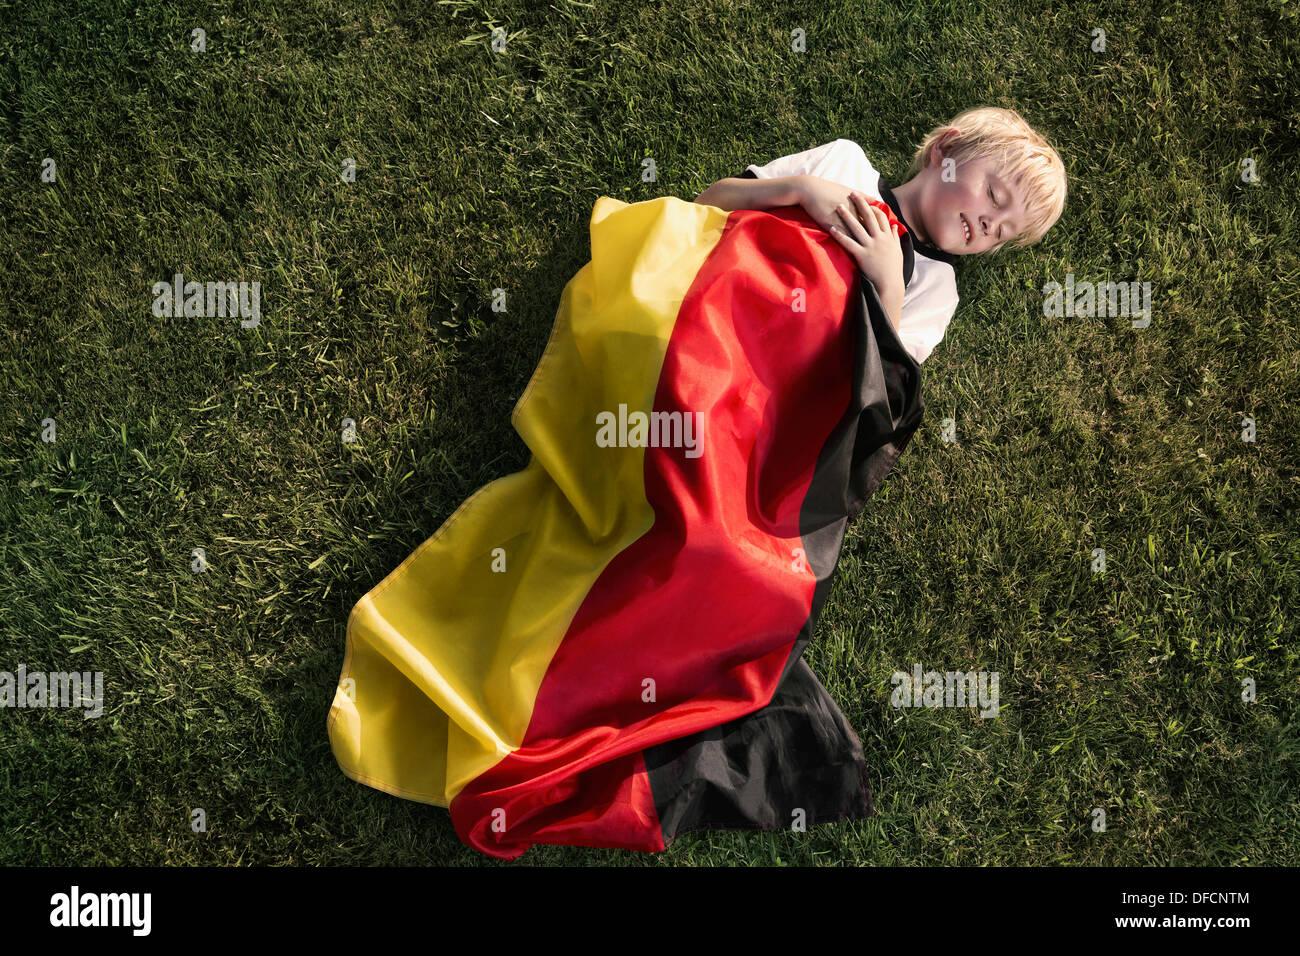 Germania, Colonia, Giovane tifoso dormire avvolti nella bandiera tedesca Immagini Stock